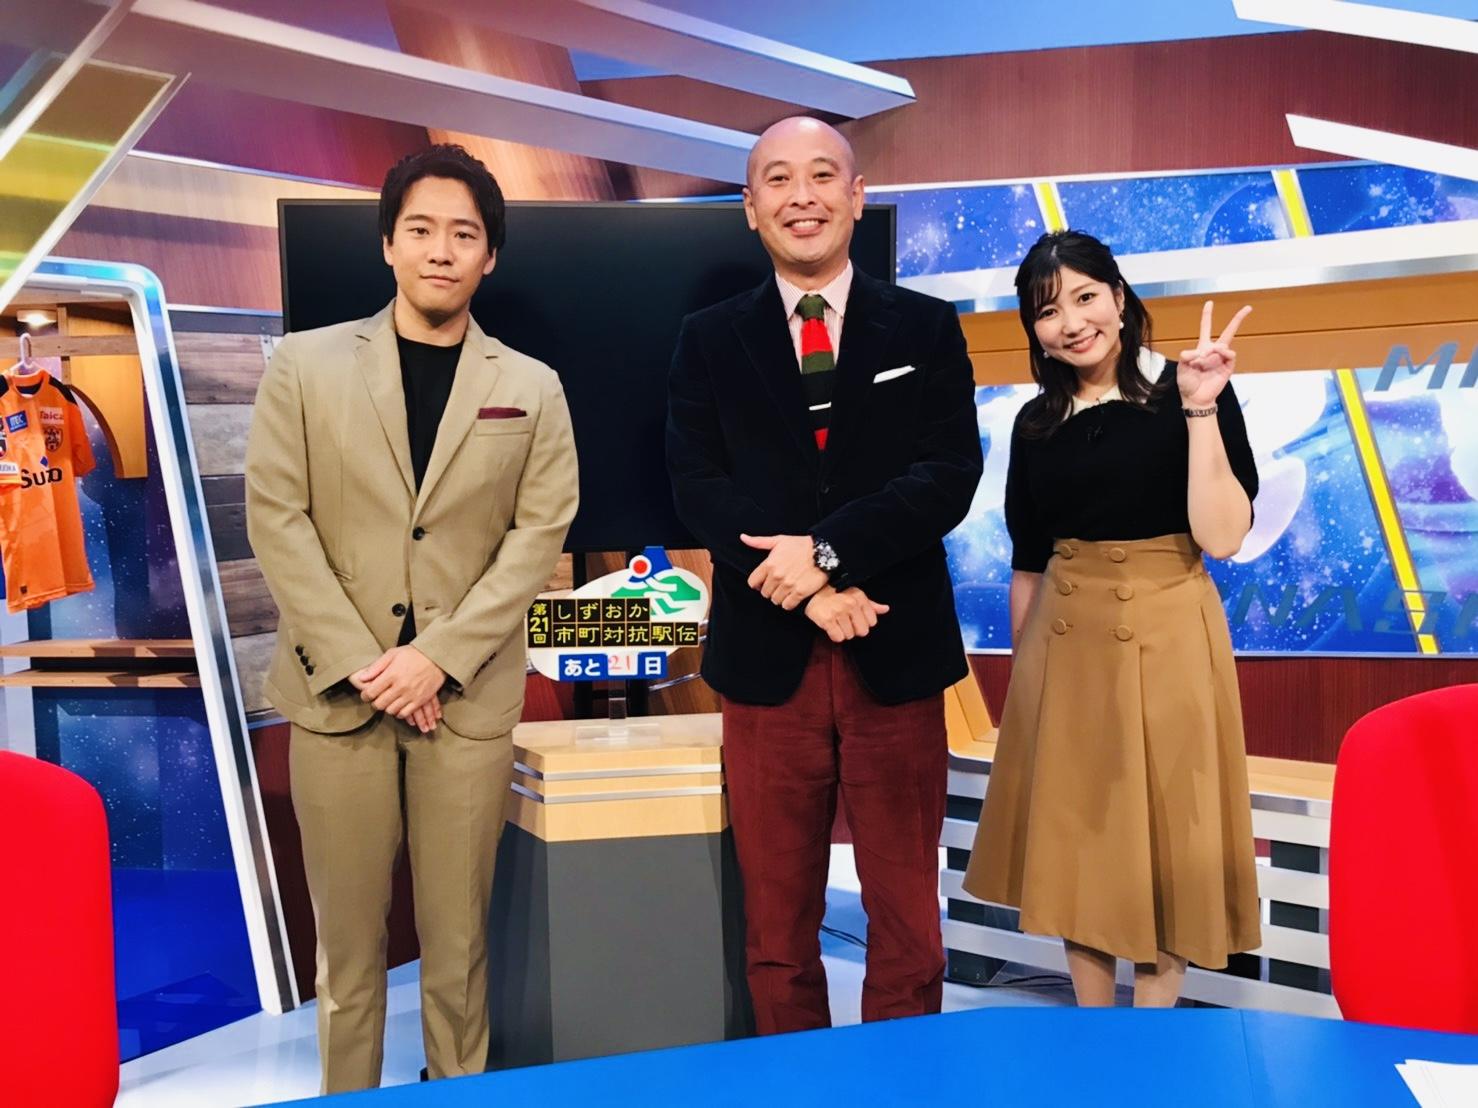 出演情報 10/23(土)17:00~ SBSテレビ「みなスポ」